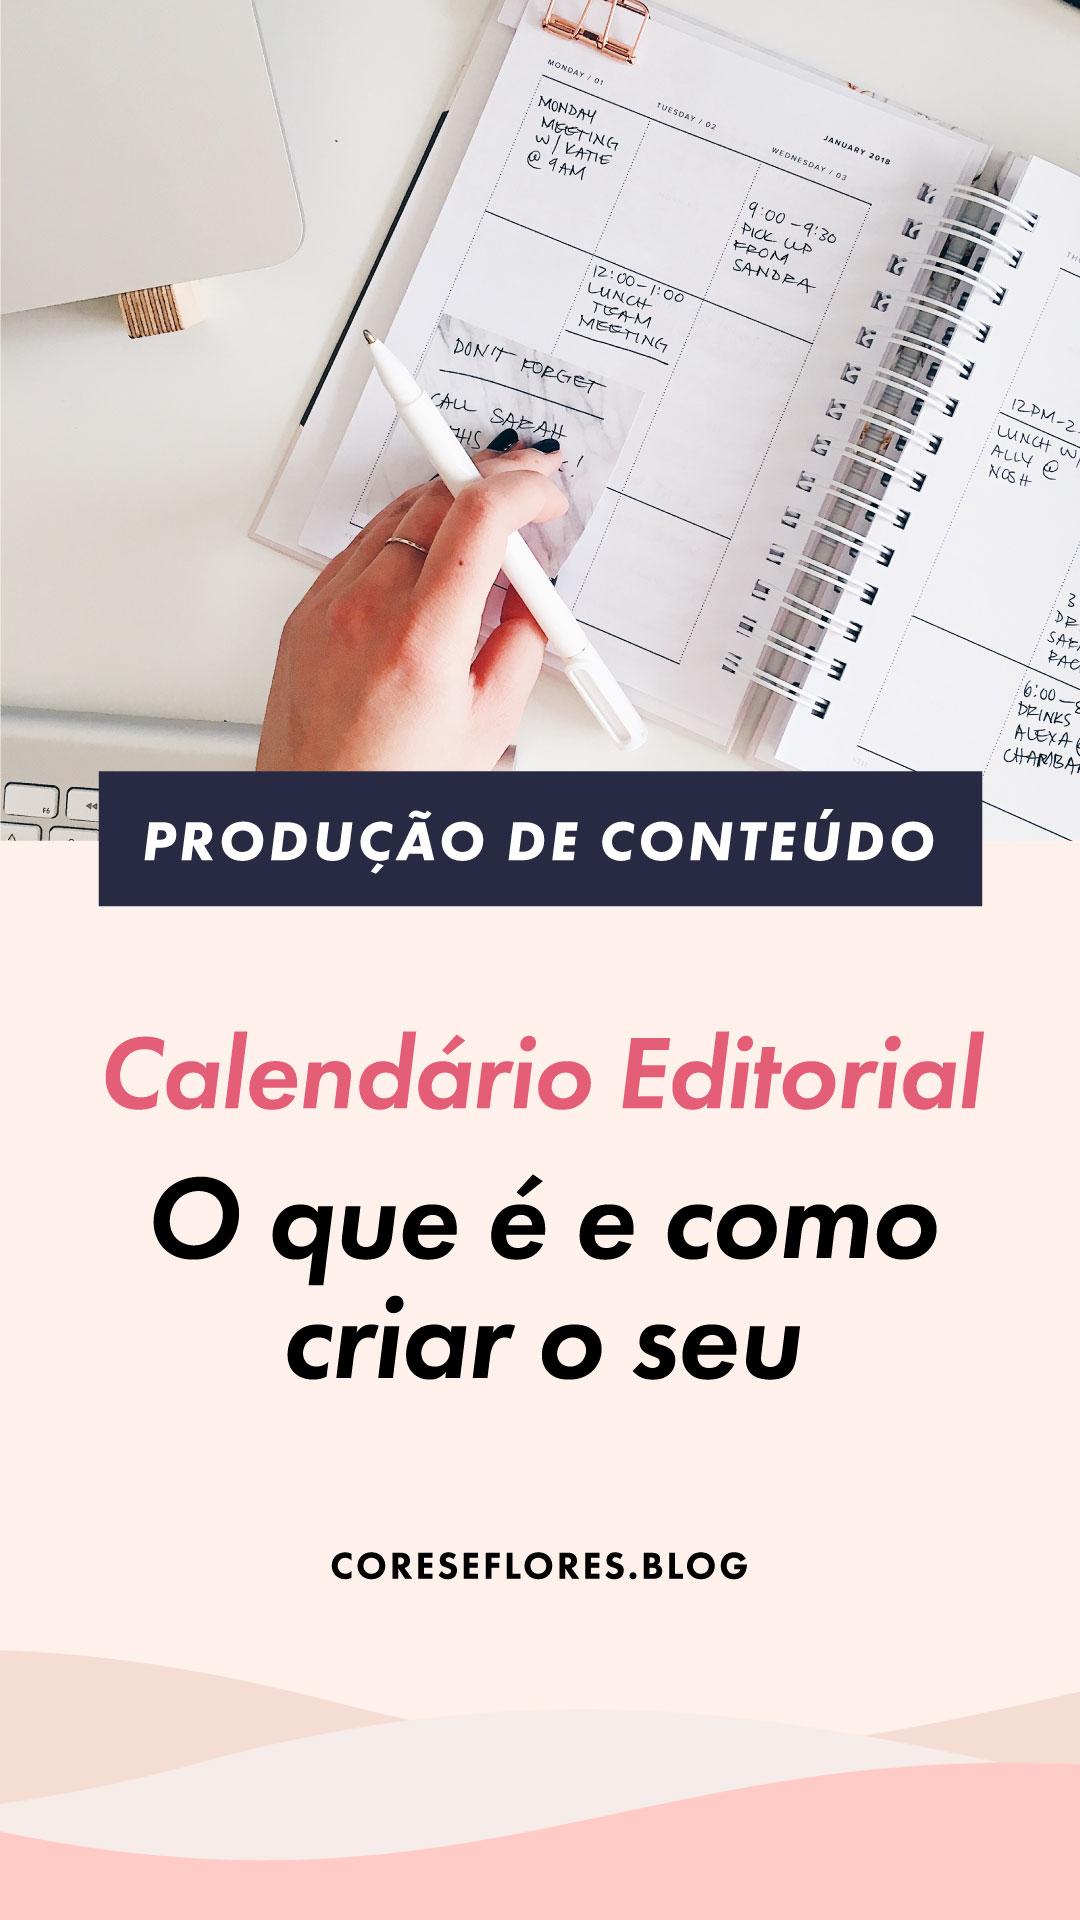 Calendário editorial: como criar para melhorar a produção de conteúdo